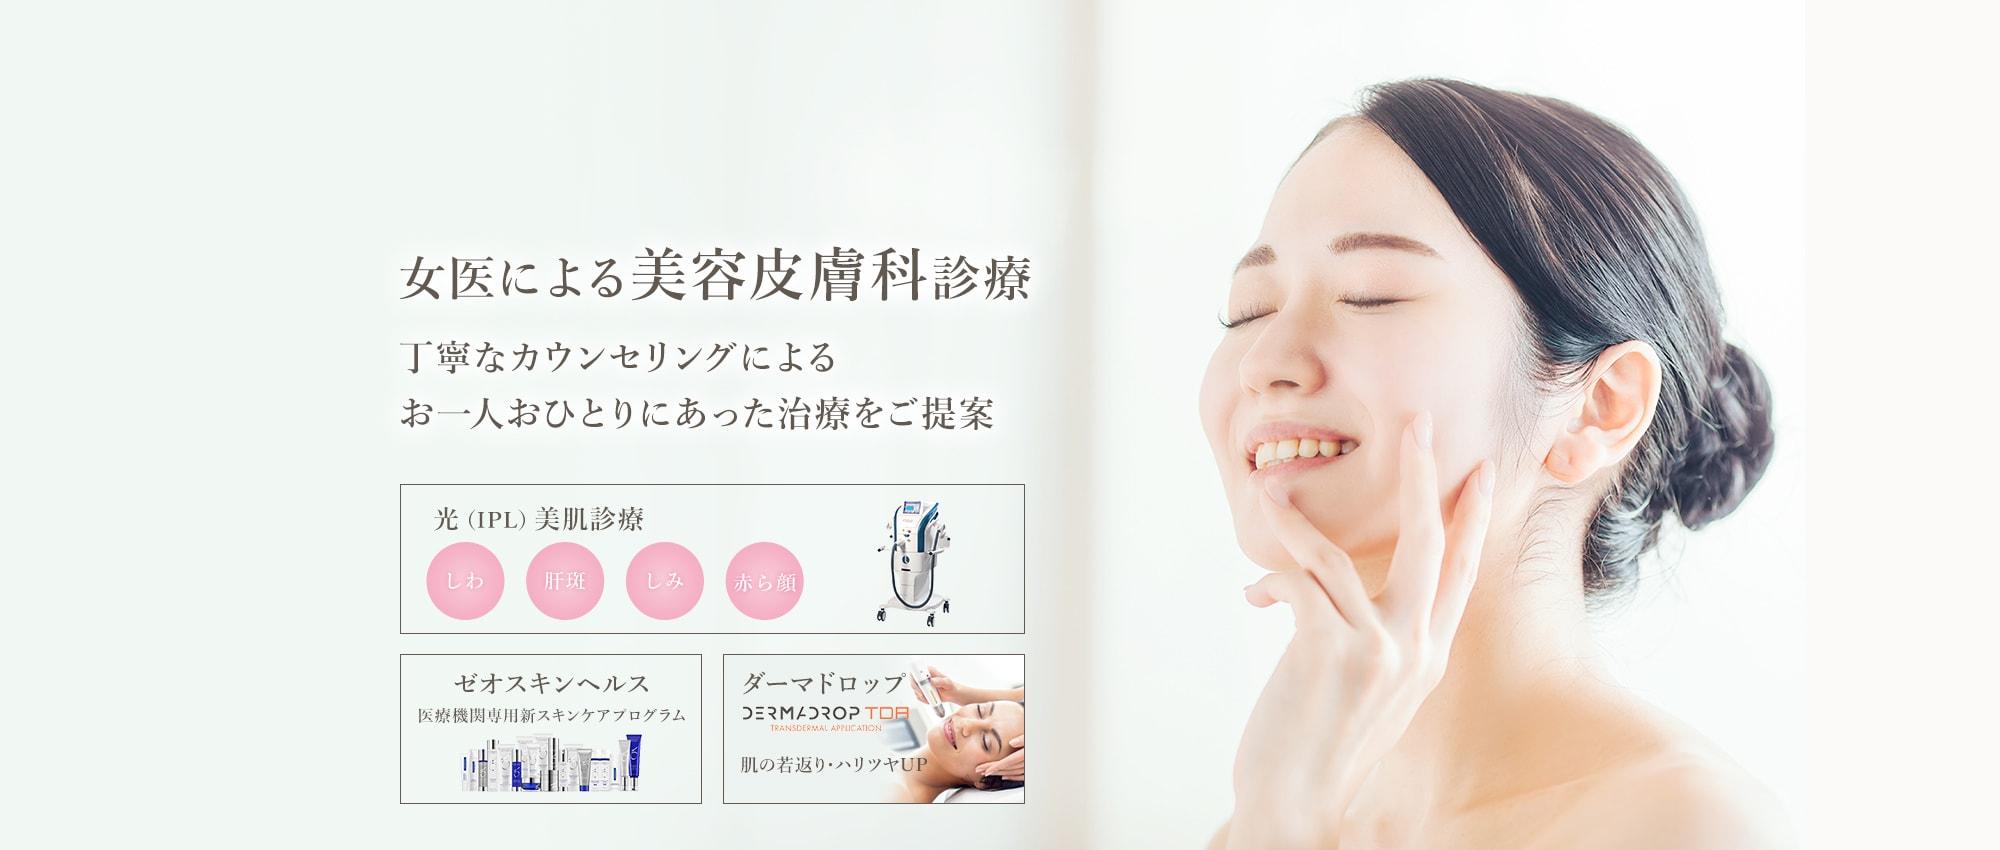 女医による美容皮膚科診療 丁寧なカウンセリングによるお一人おひとりにあった治療をご提案